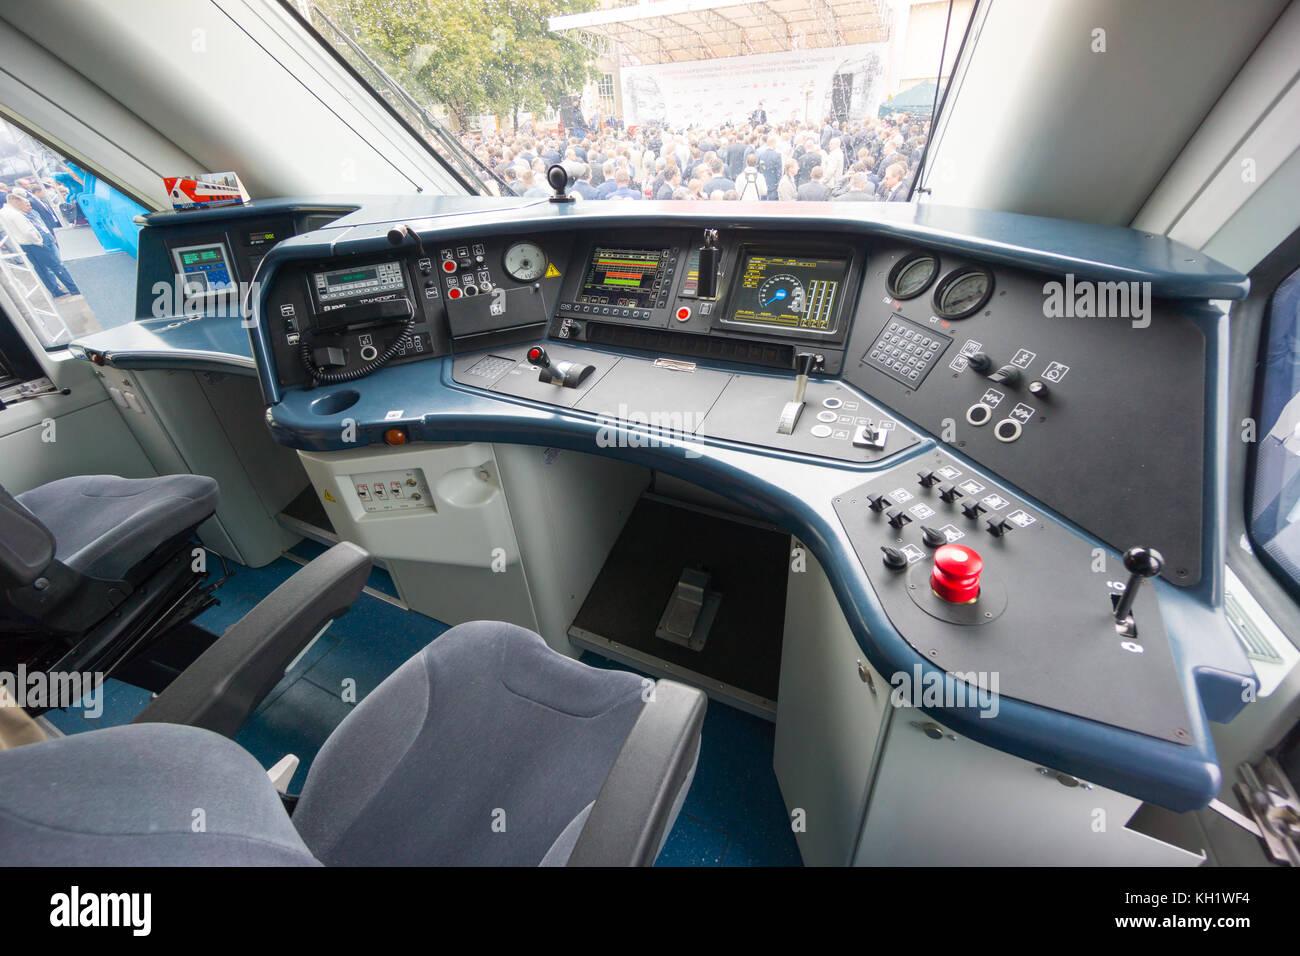 Ge Locomotive Cab Interior